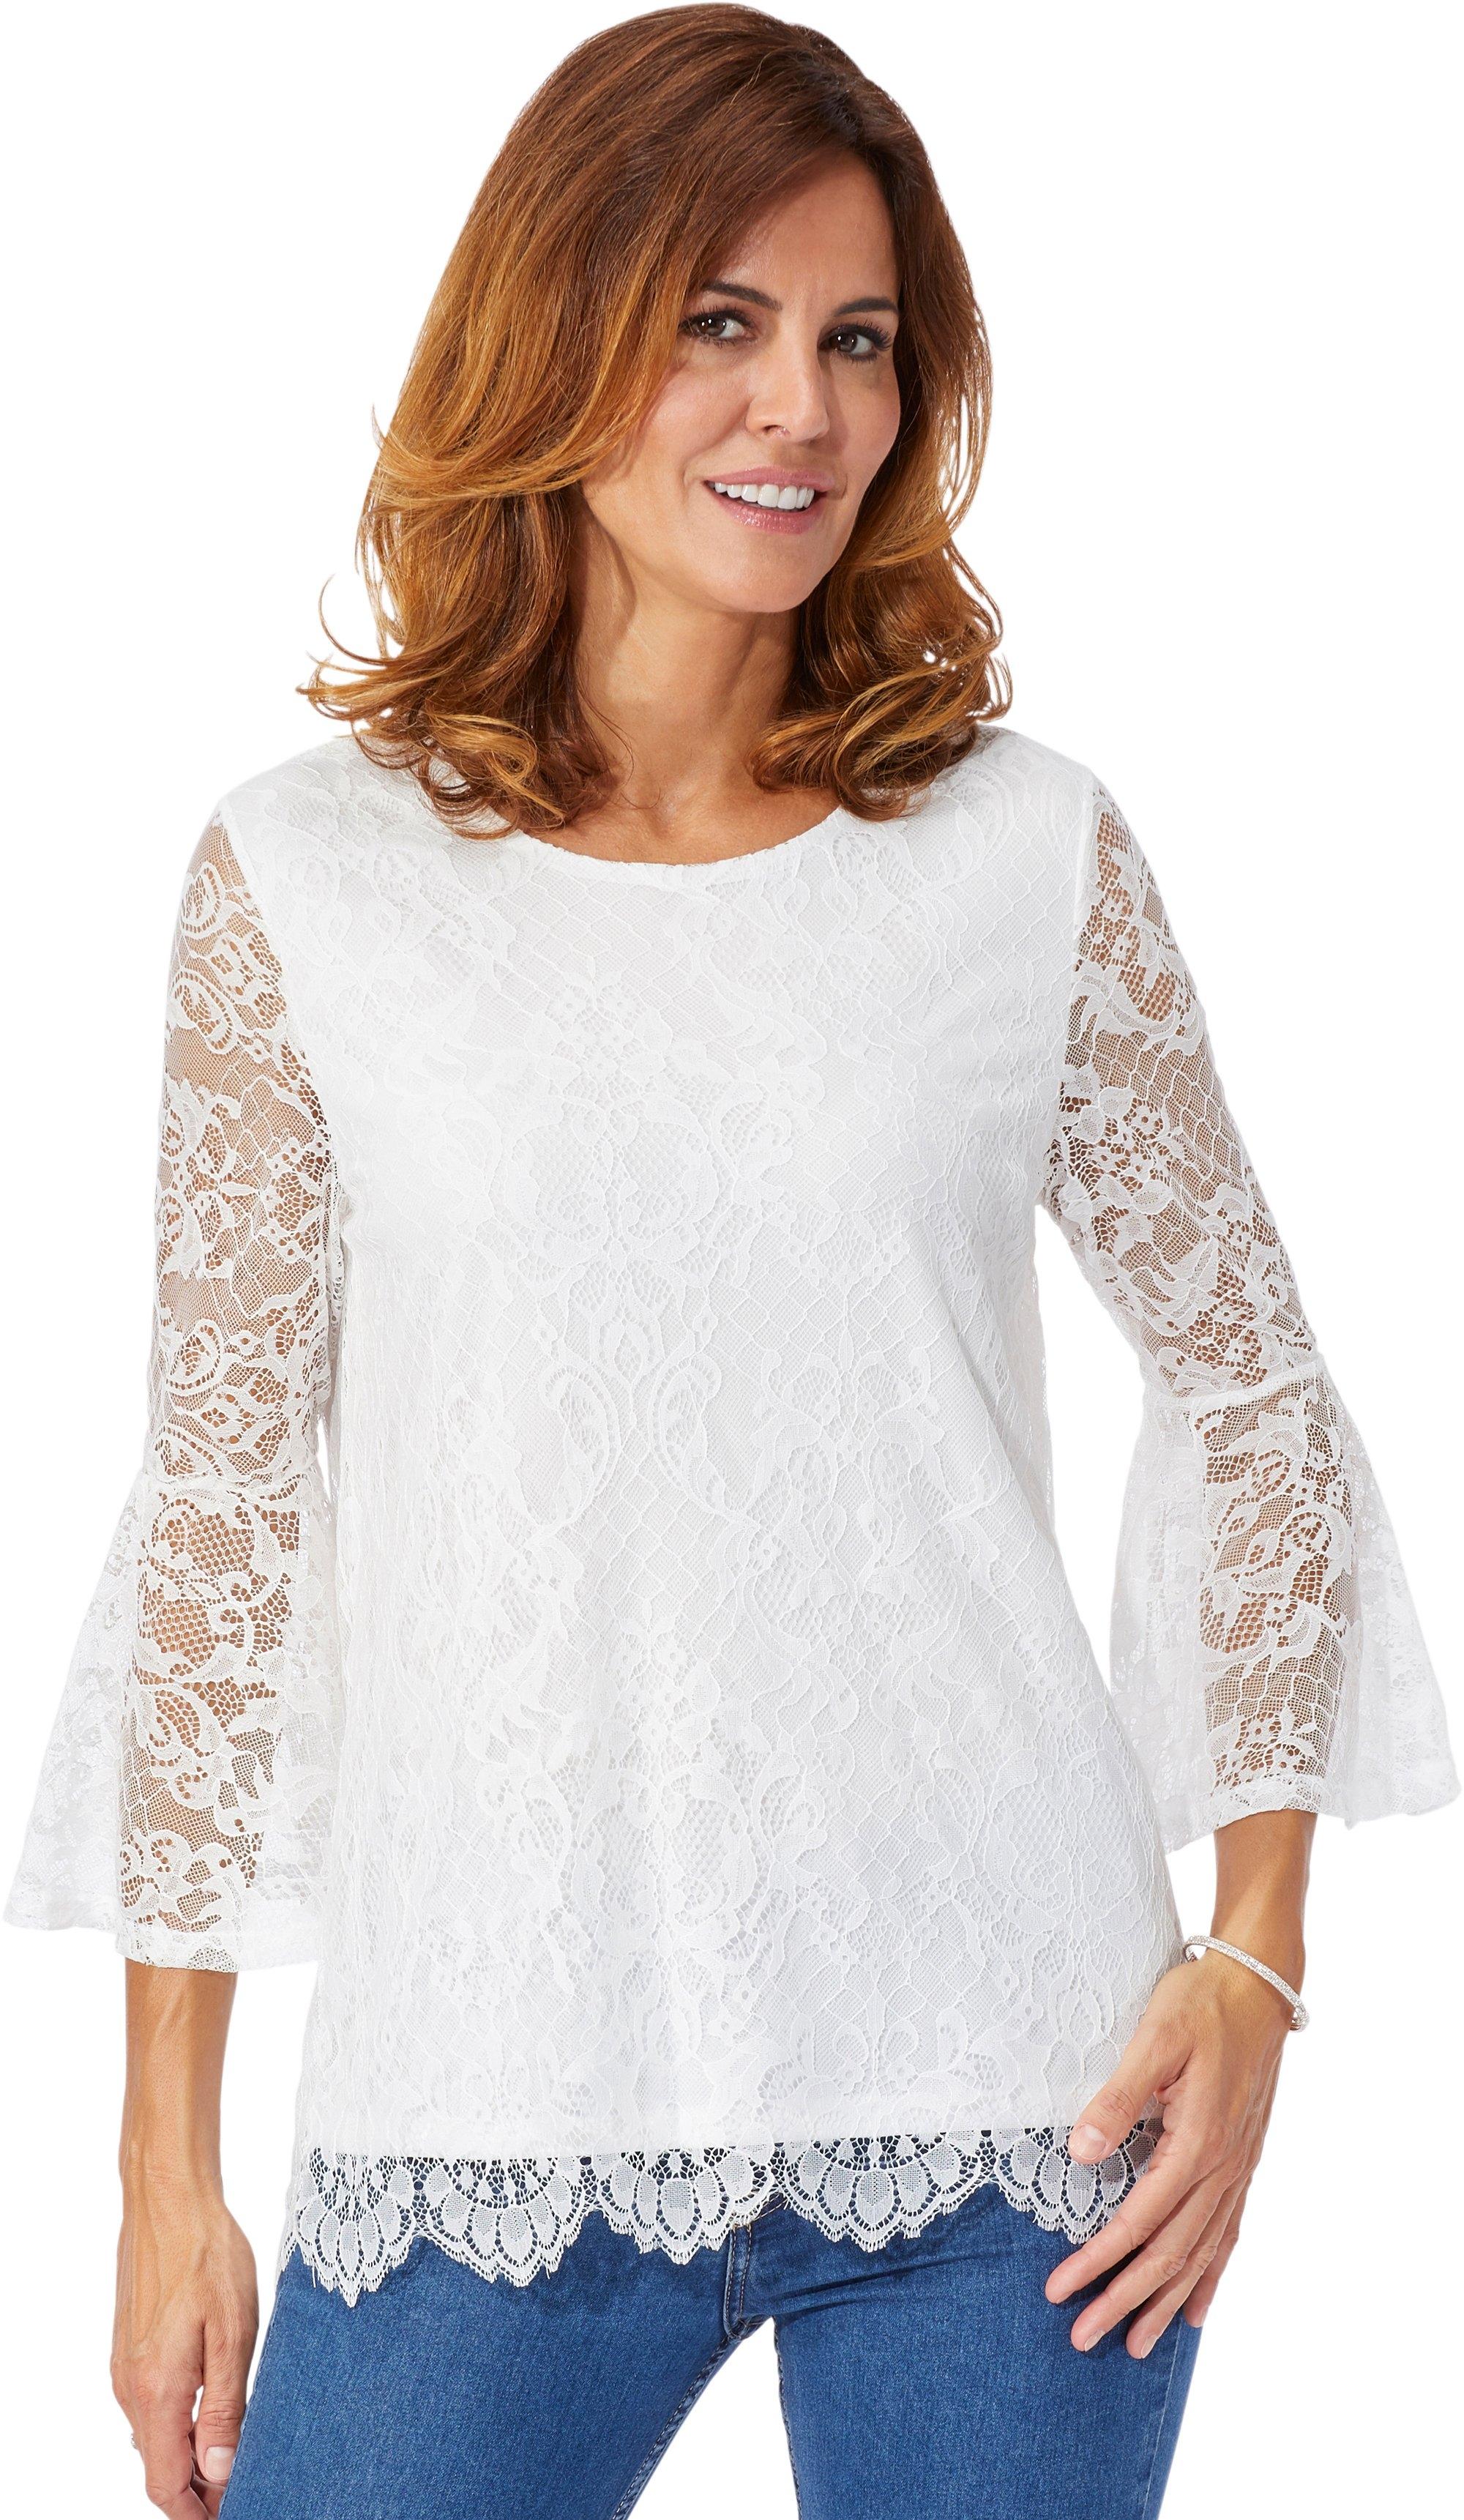 Op zoek naar een Lady kanten shirt? Koop online bij OTTO